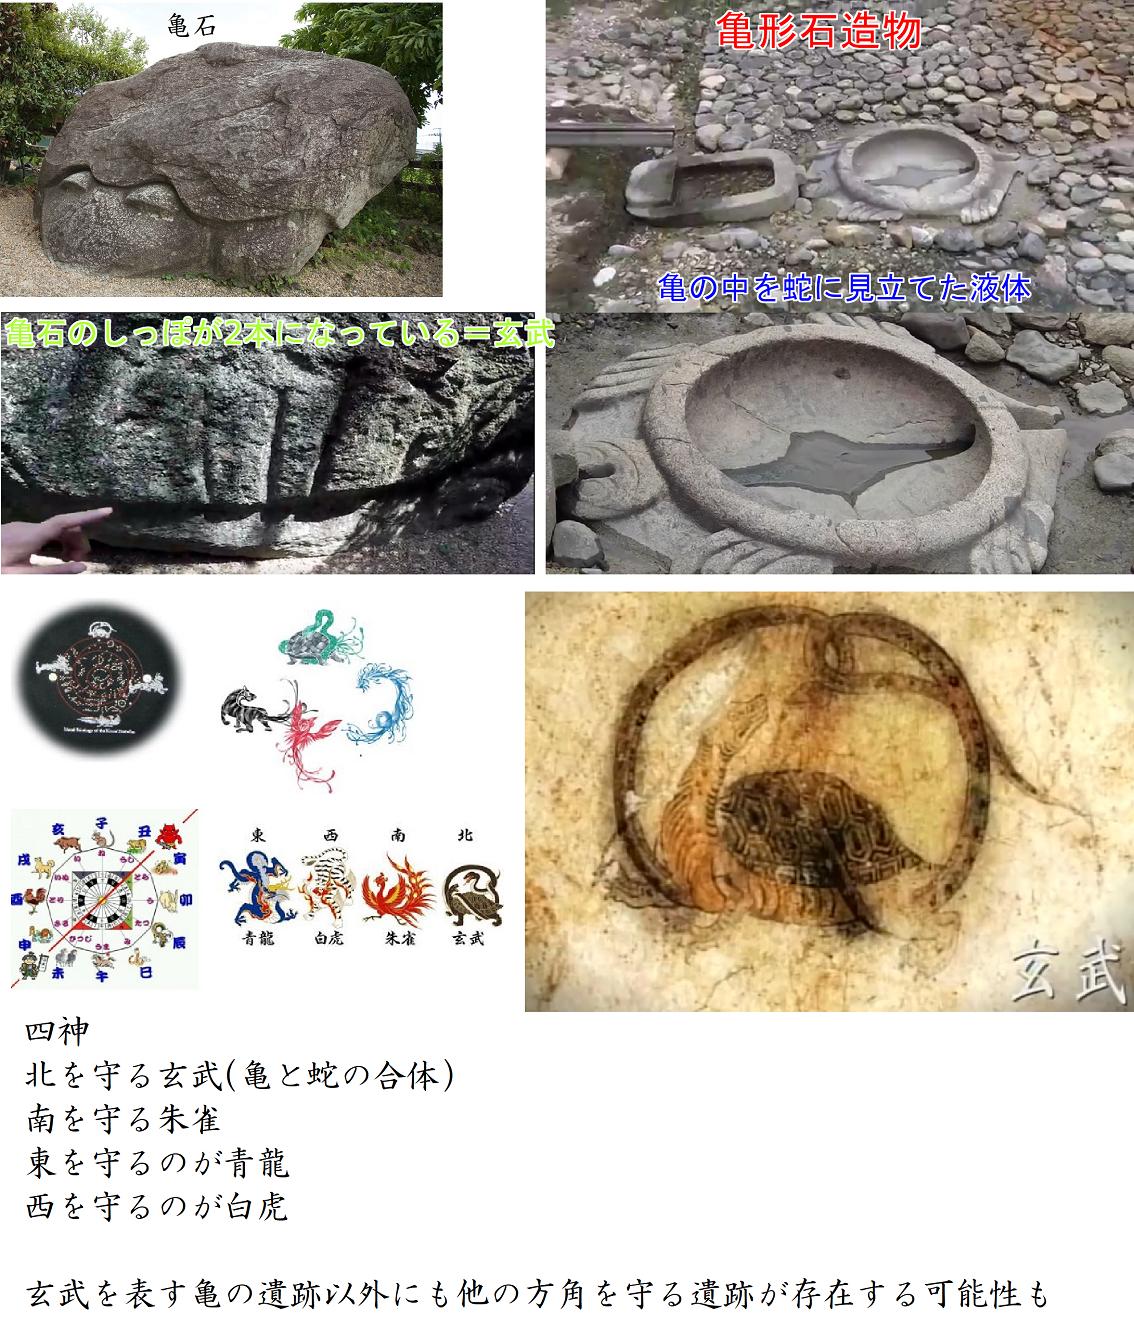 亀石、亀形石造物は北を守る玄武(亀と蛇の神)52